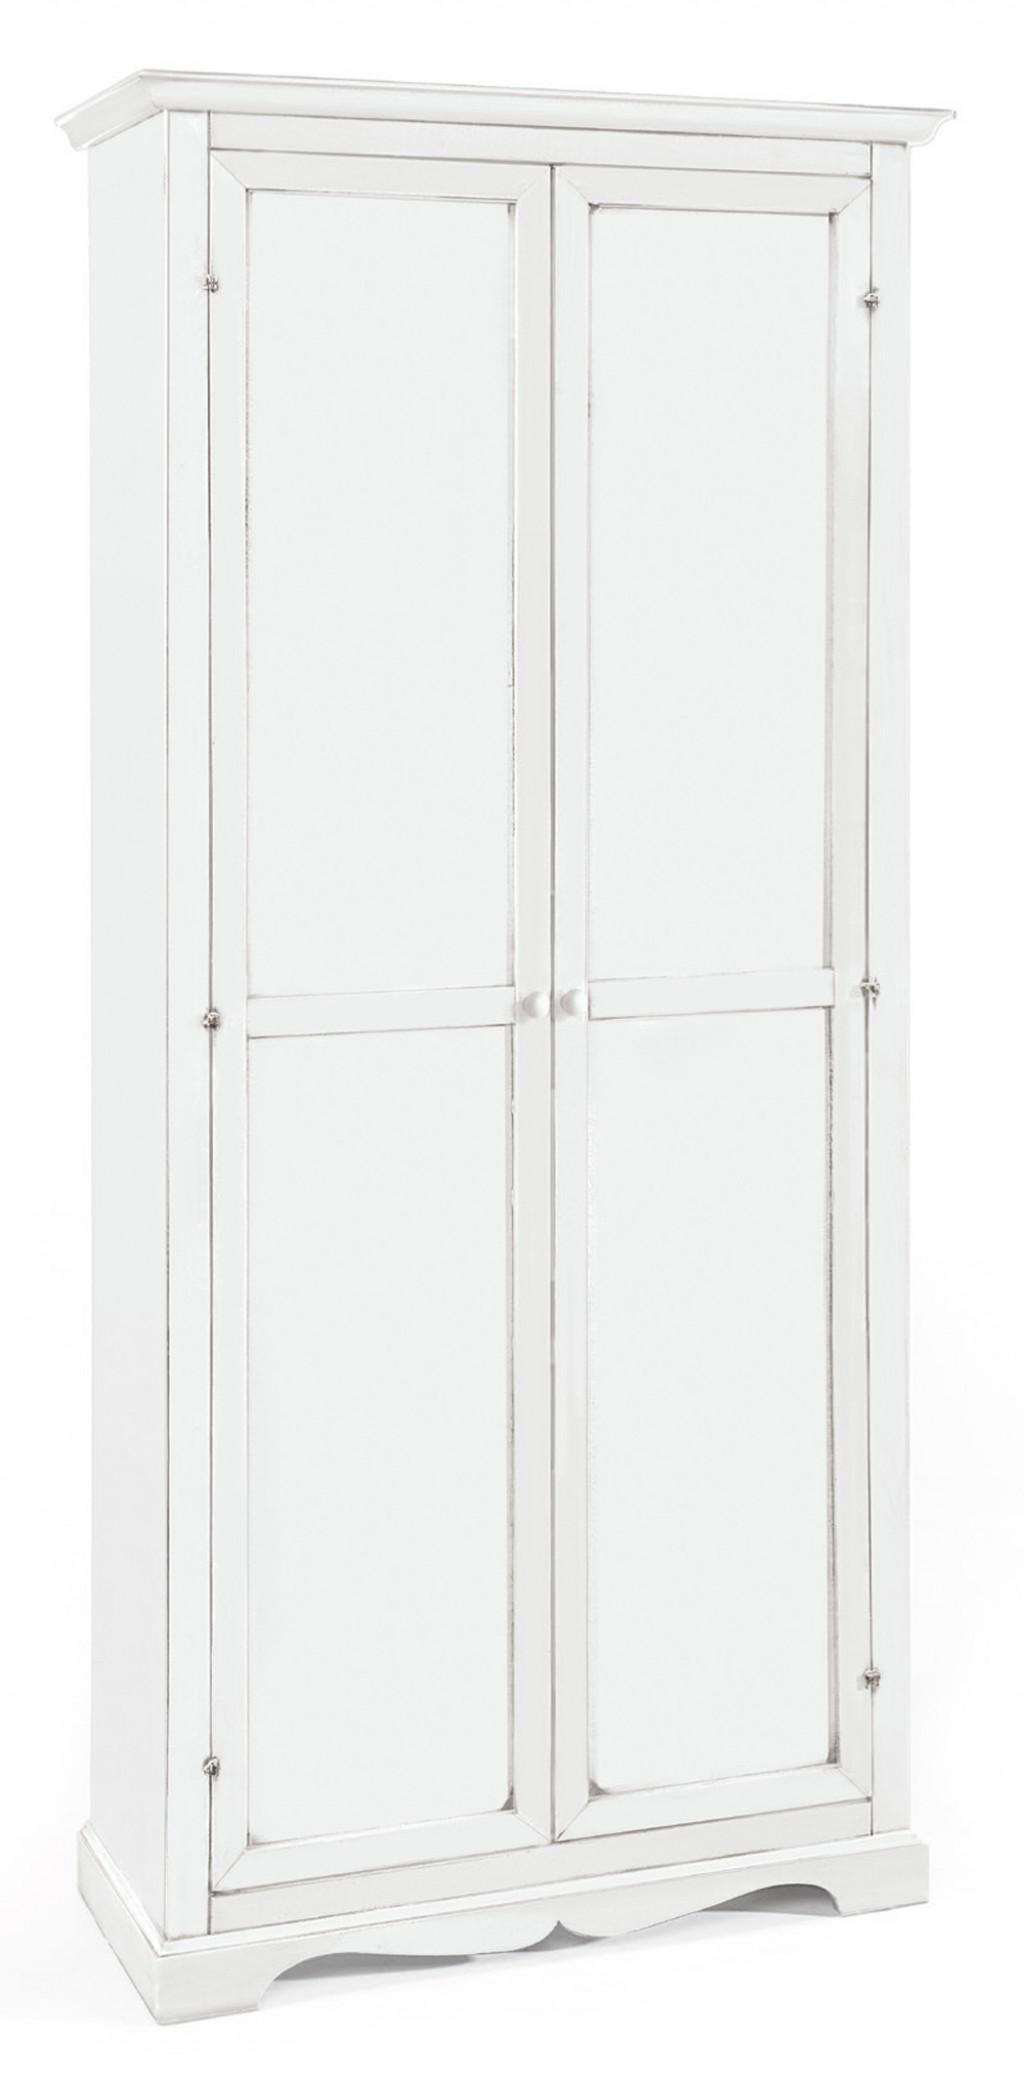 Armadio classico et1520 cucine mobili di qualit al - Bonus mobili iva ...